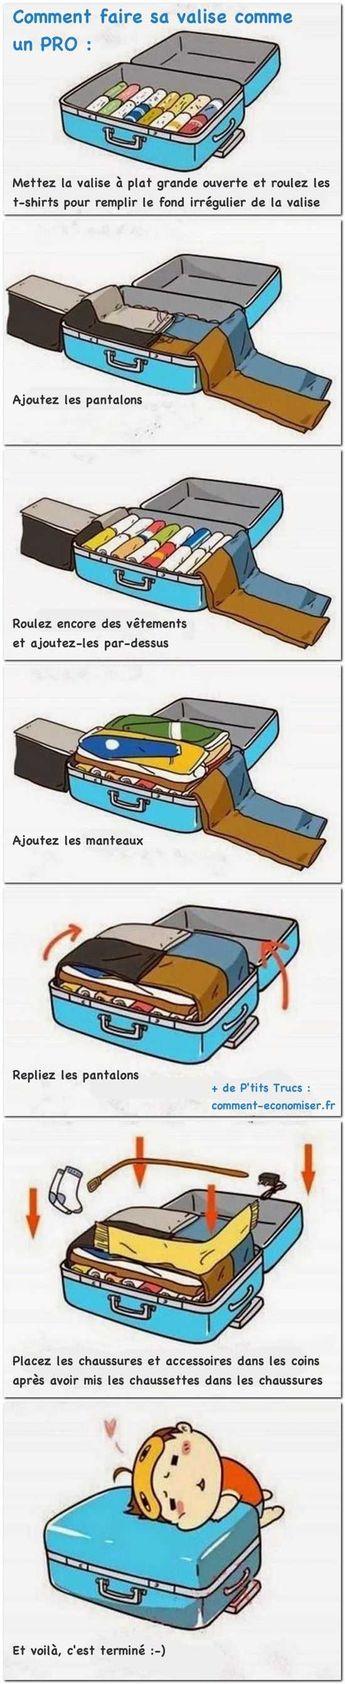 Le Guide FACILE Pour Faire Sa Valise Comme un PRO.